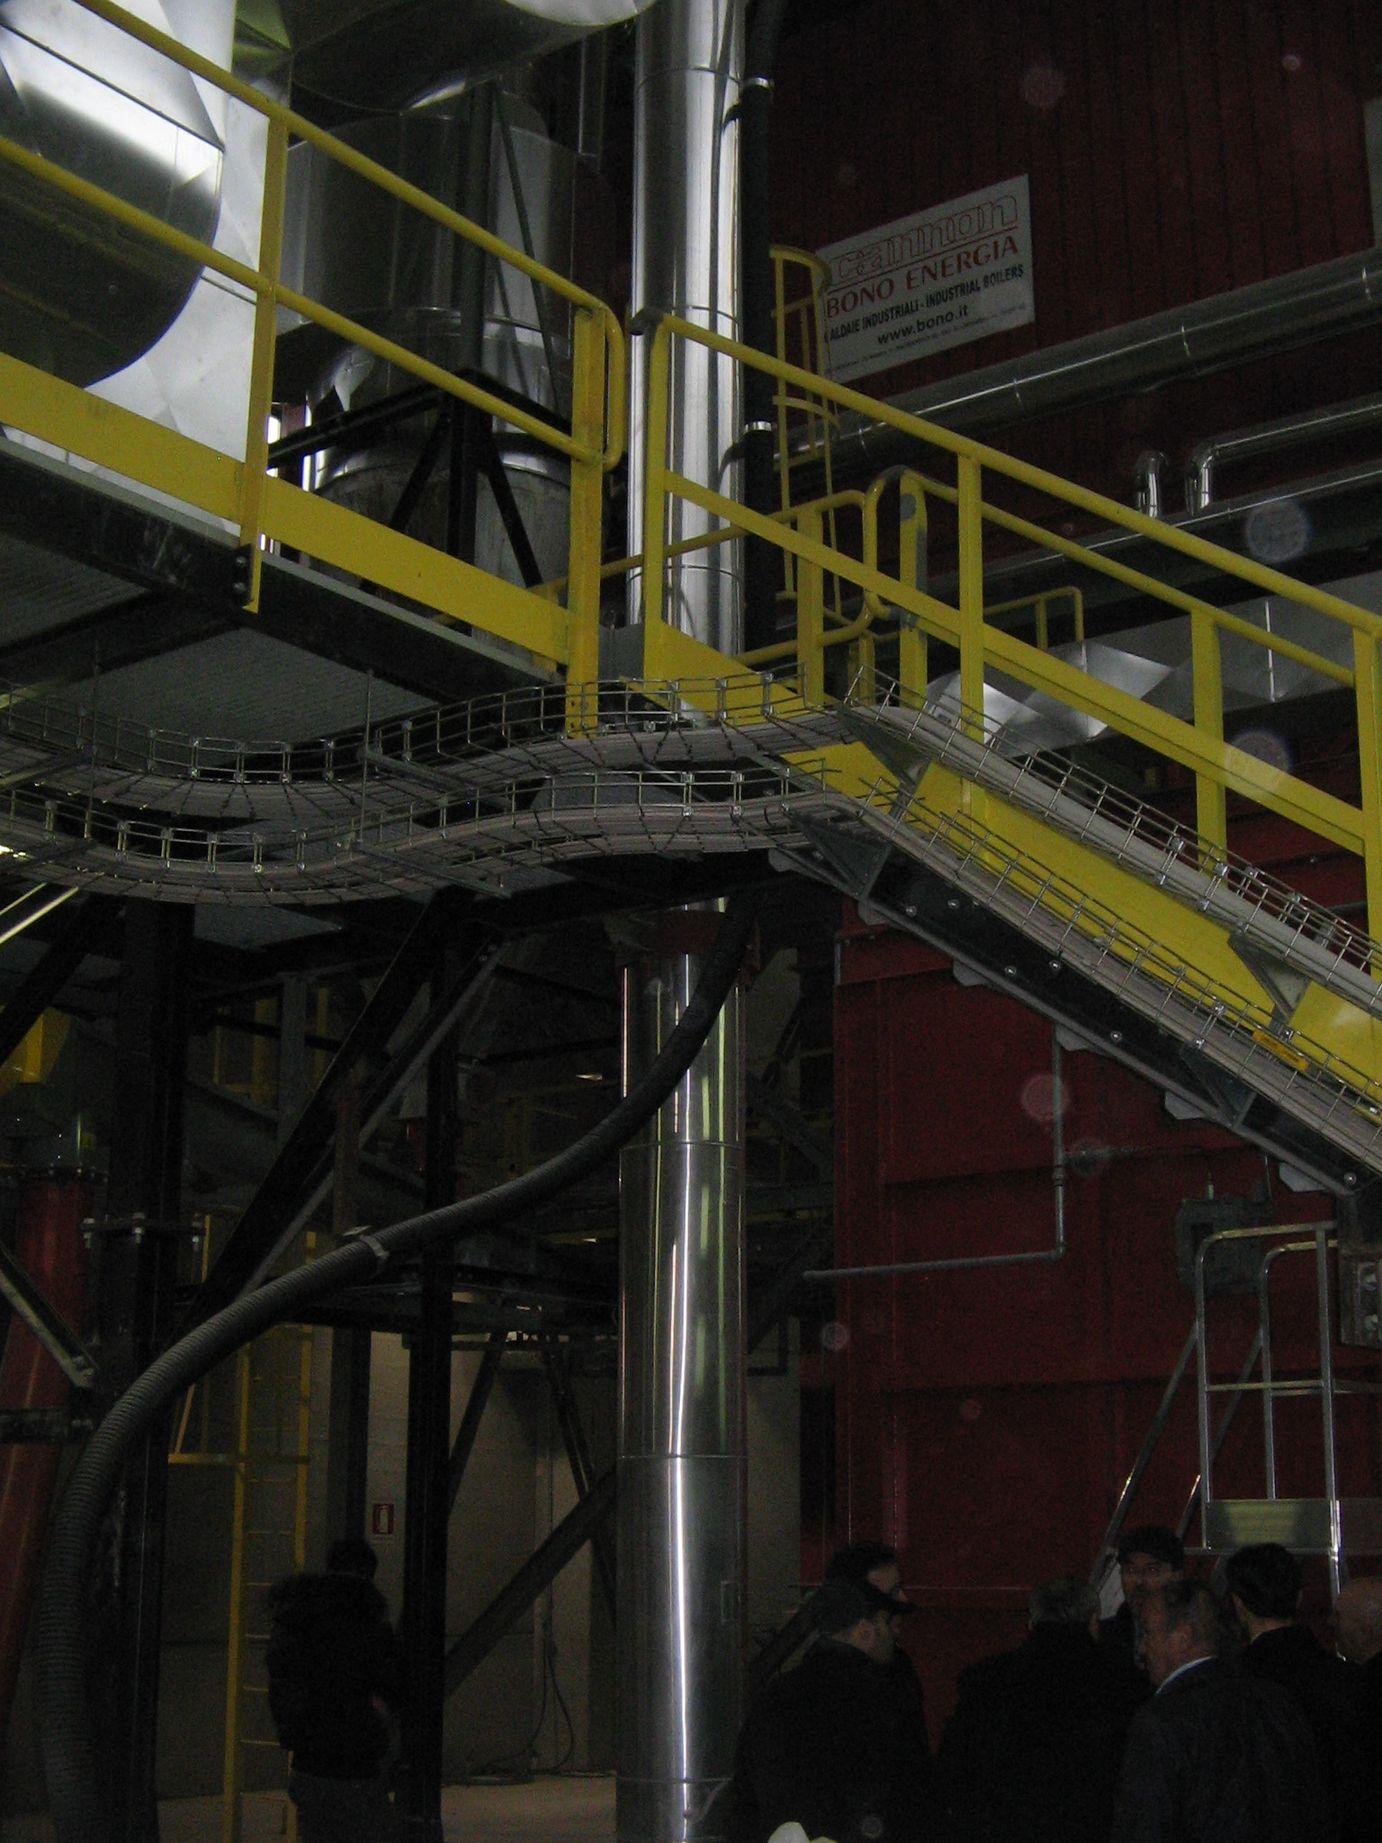 Progetto biomasse programma di sviluppo nel settore for Interno 3 calenzano